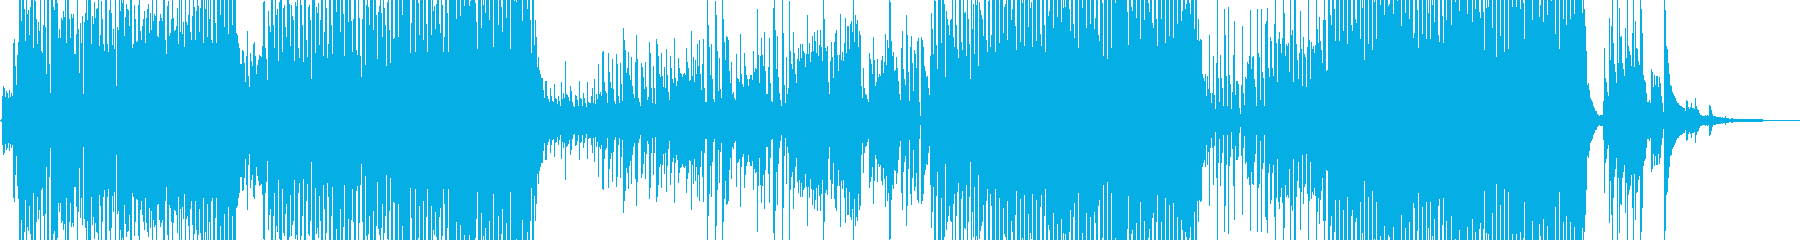 三味線と龍笛の賑やかな宴テクノの再生済みの波形